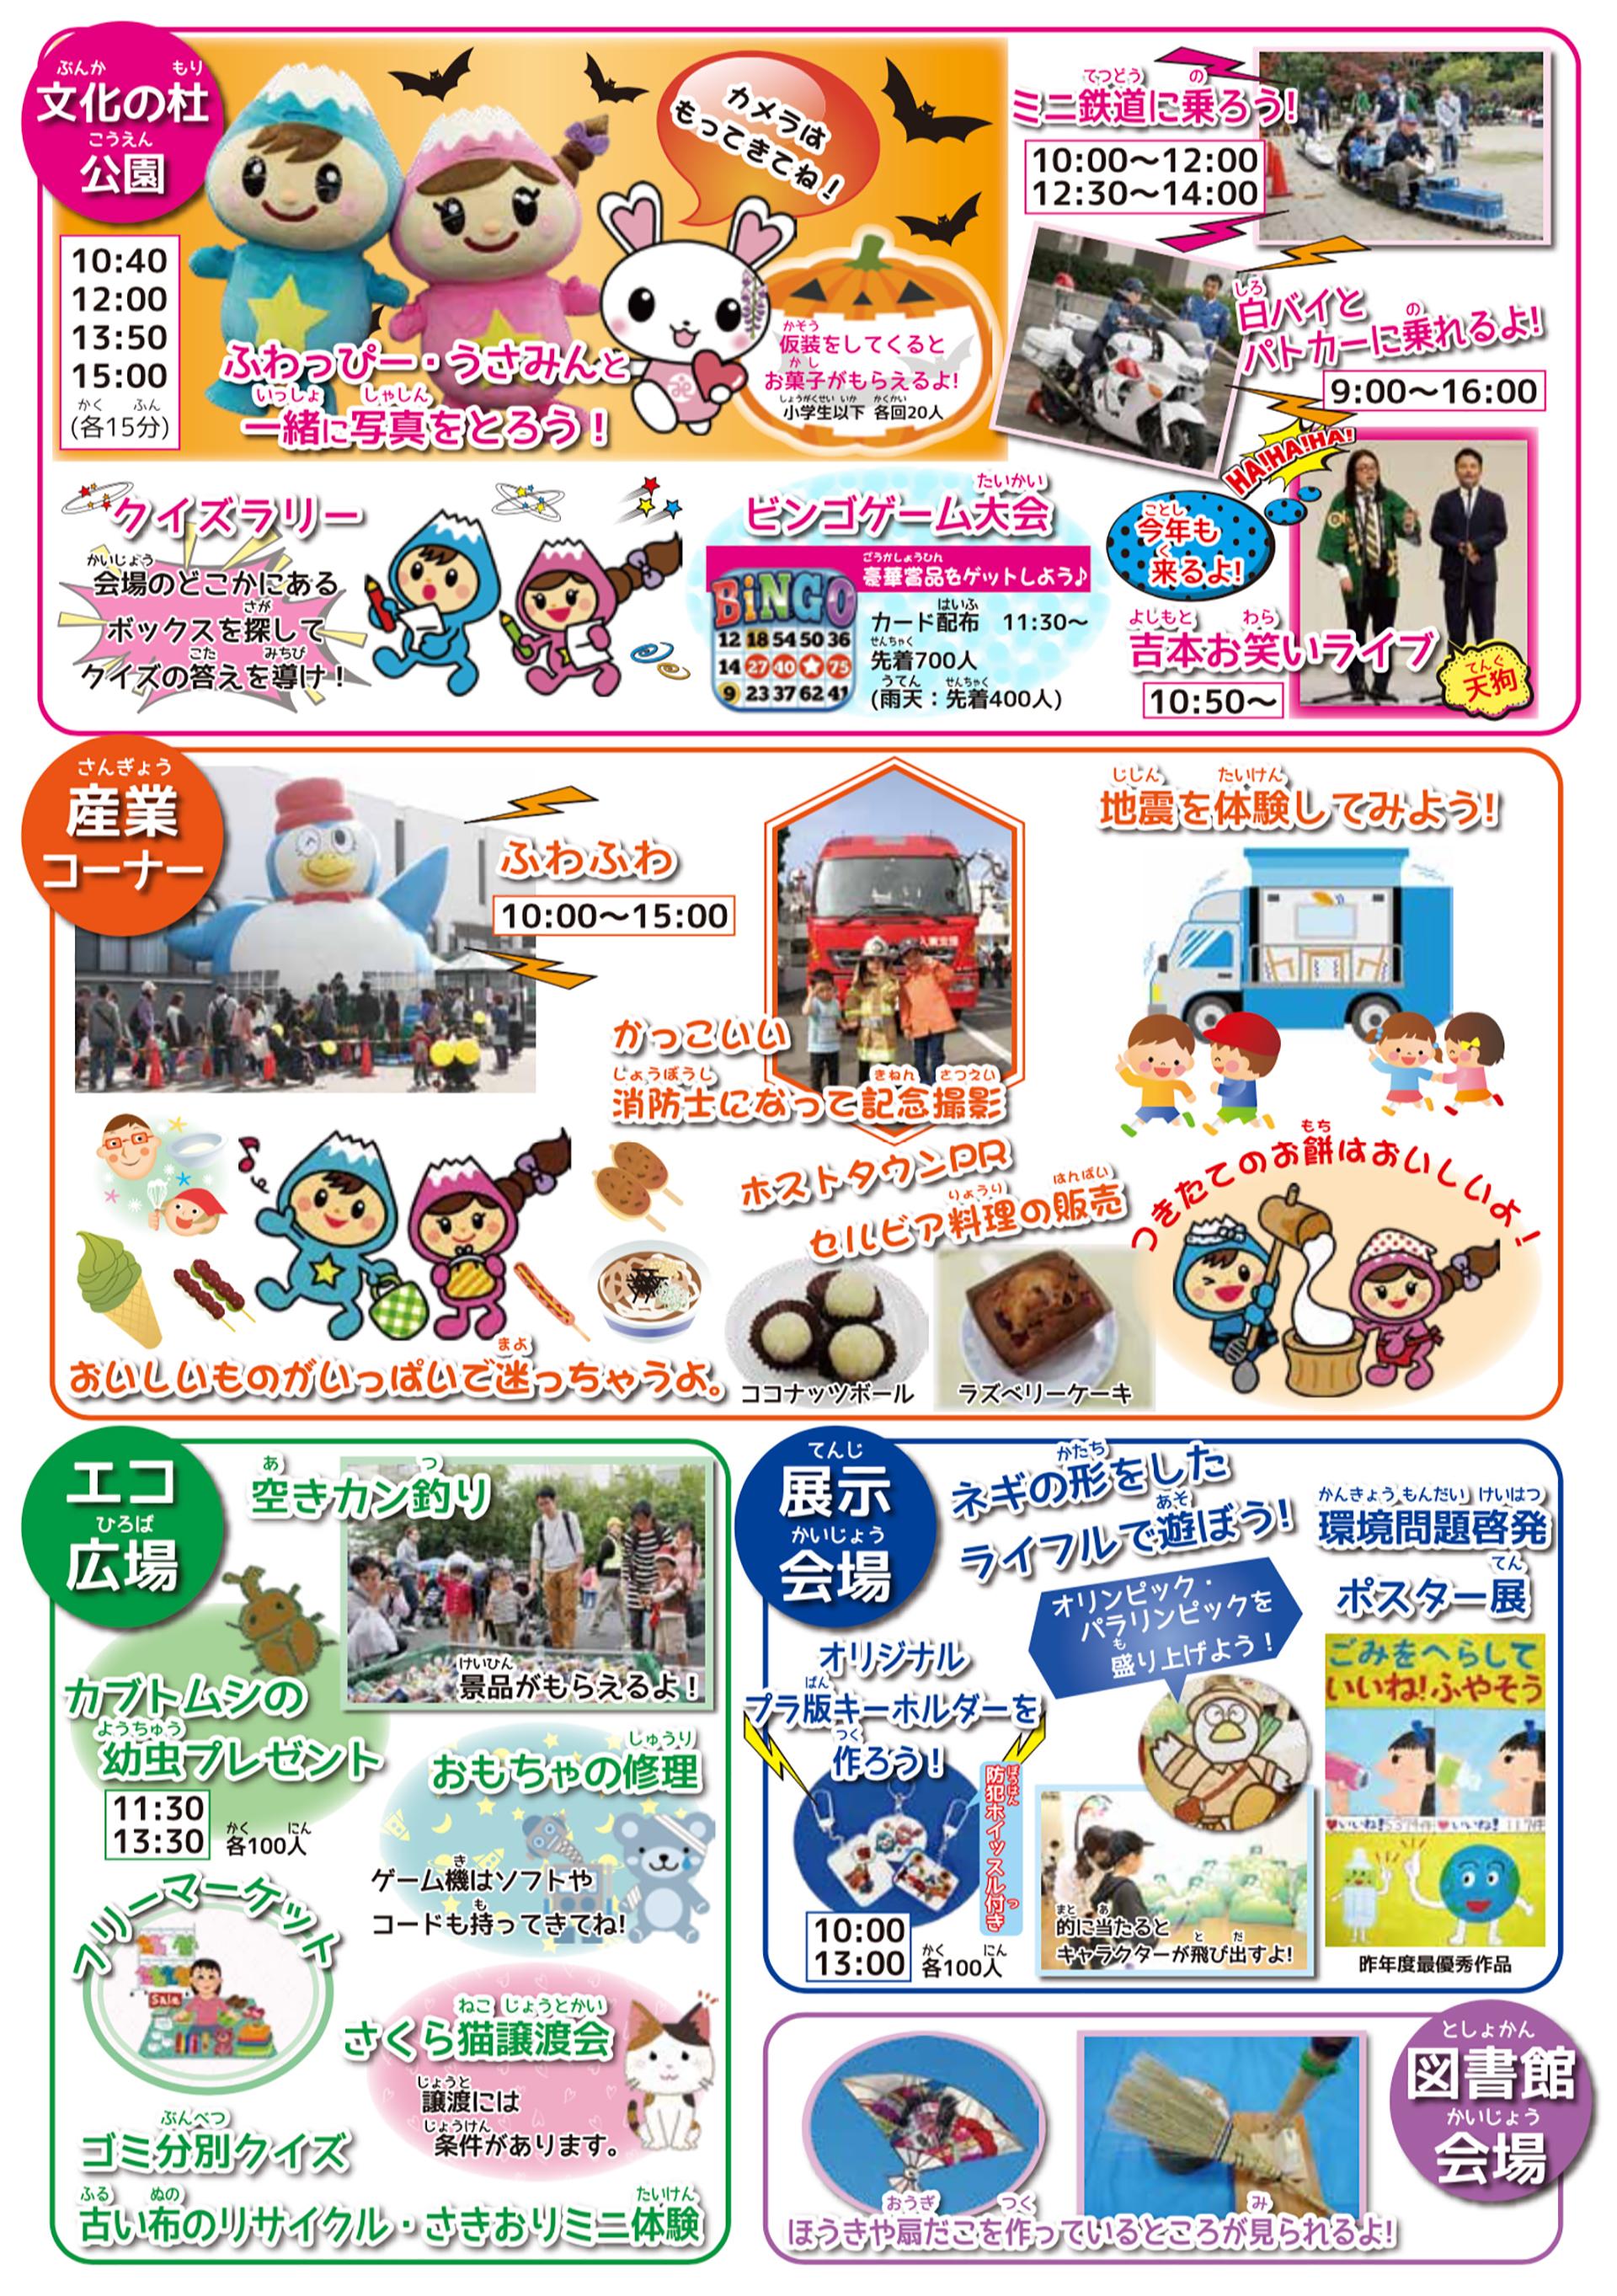 富士見ふるさと祭りポスター裏